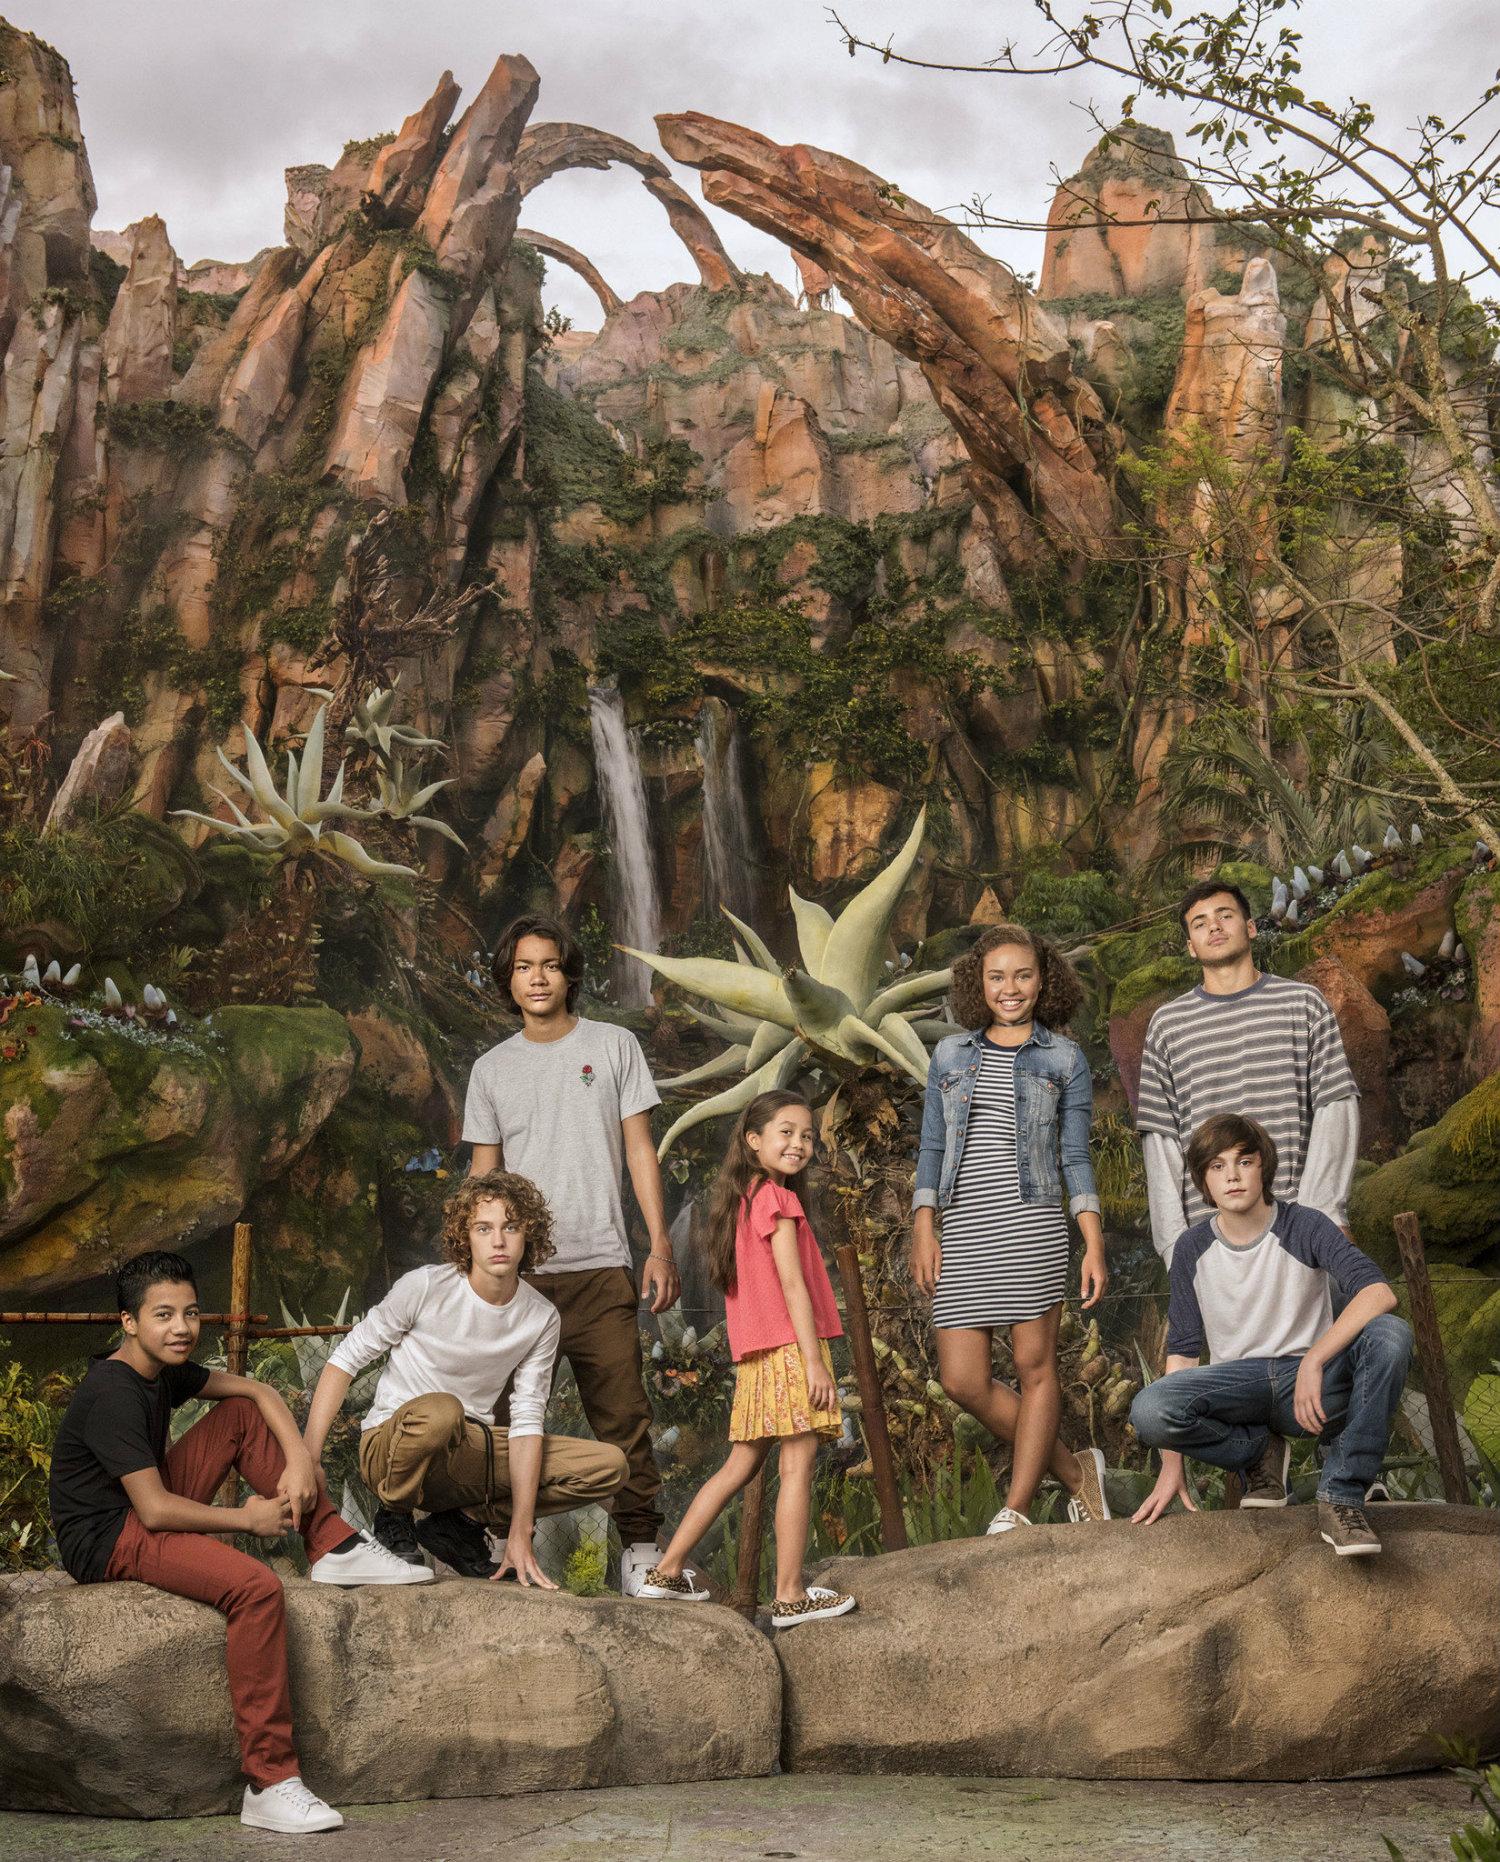 Avatar 2 : La Jeune Génération D'acteurs Dévoilée En